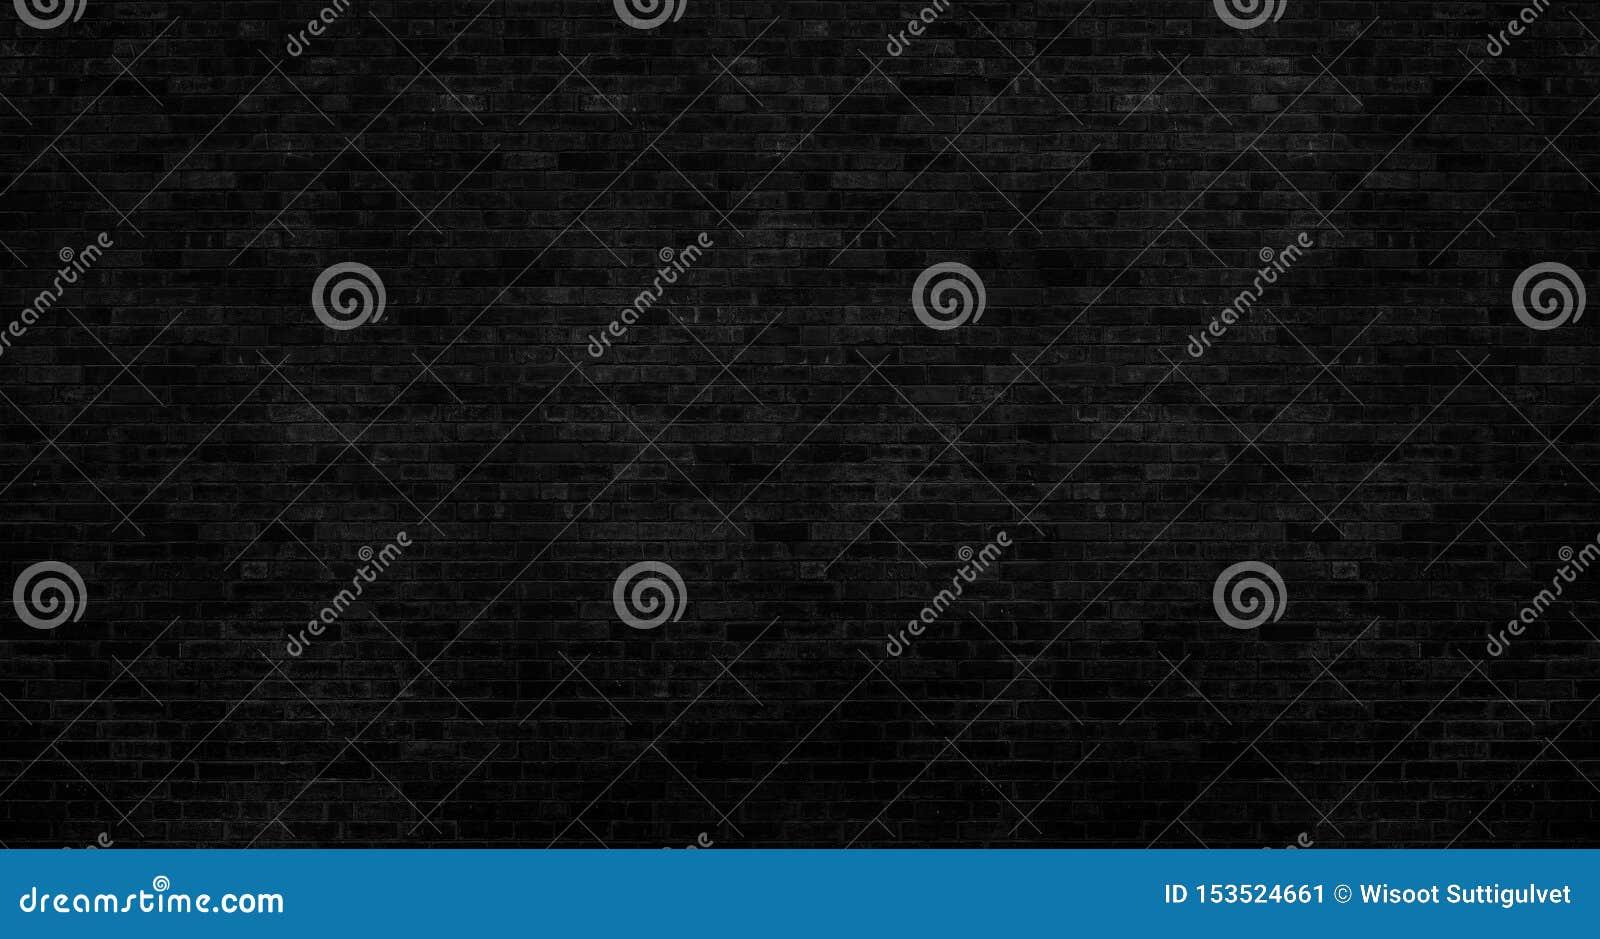 Il muro di mattoni nero scuro ha una superficie ruvida come immagine di sfondo